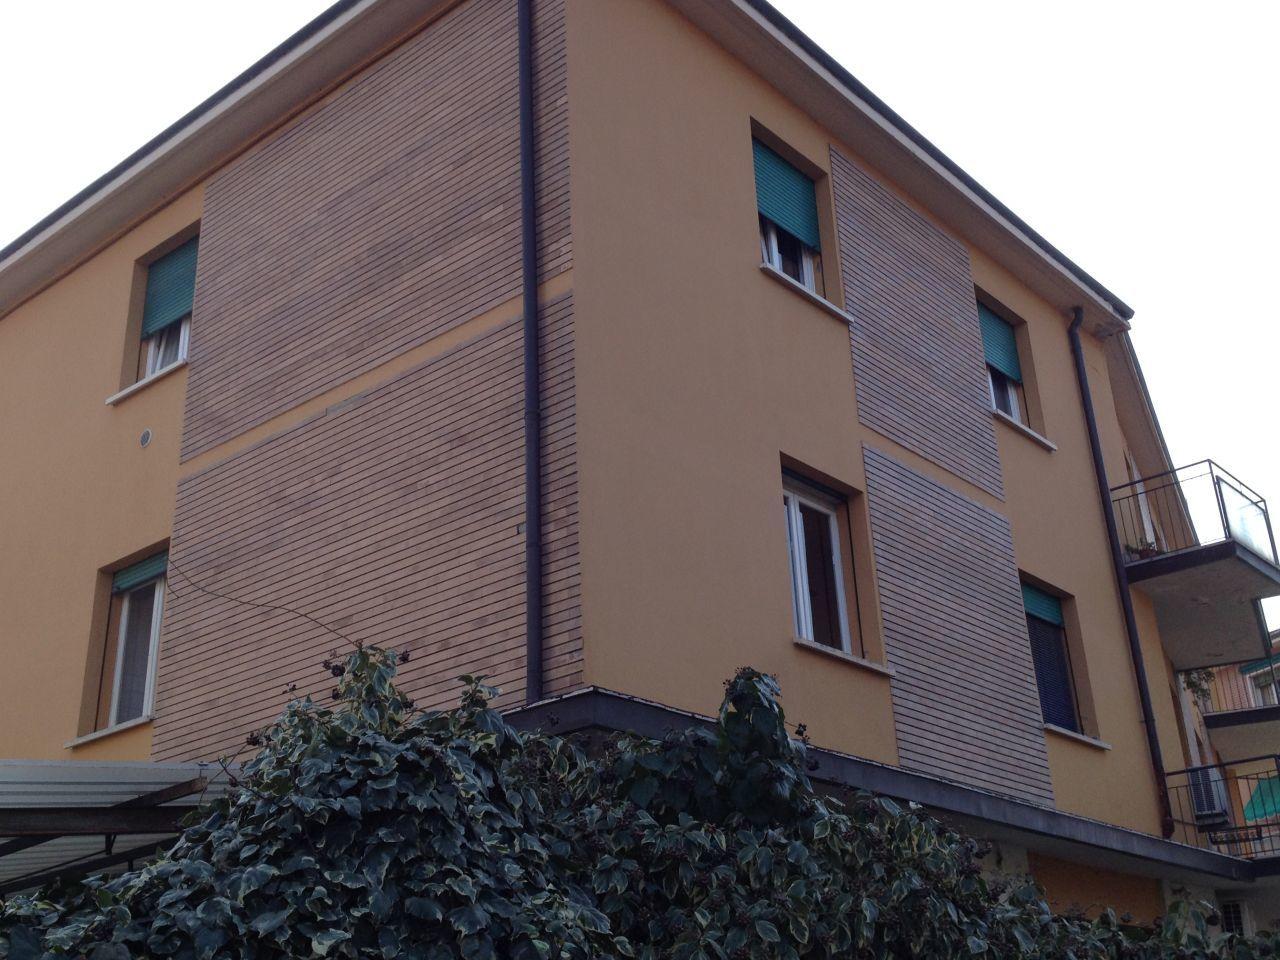 Appartamenti in vendita a bologna in zona barca pagina 2 for Appartamenti in vendita bologna